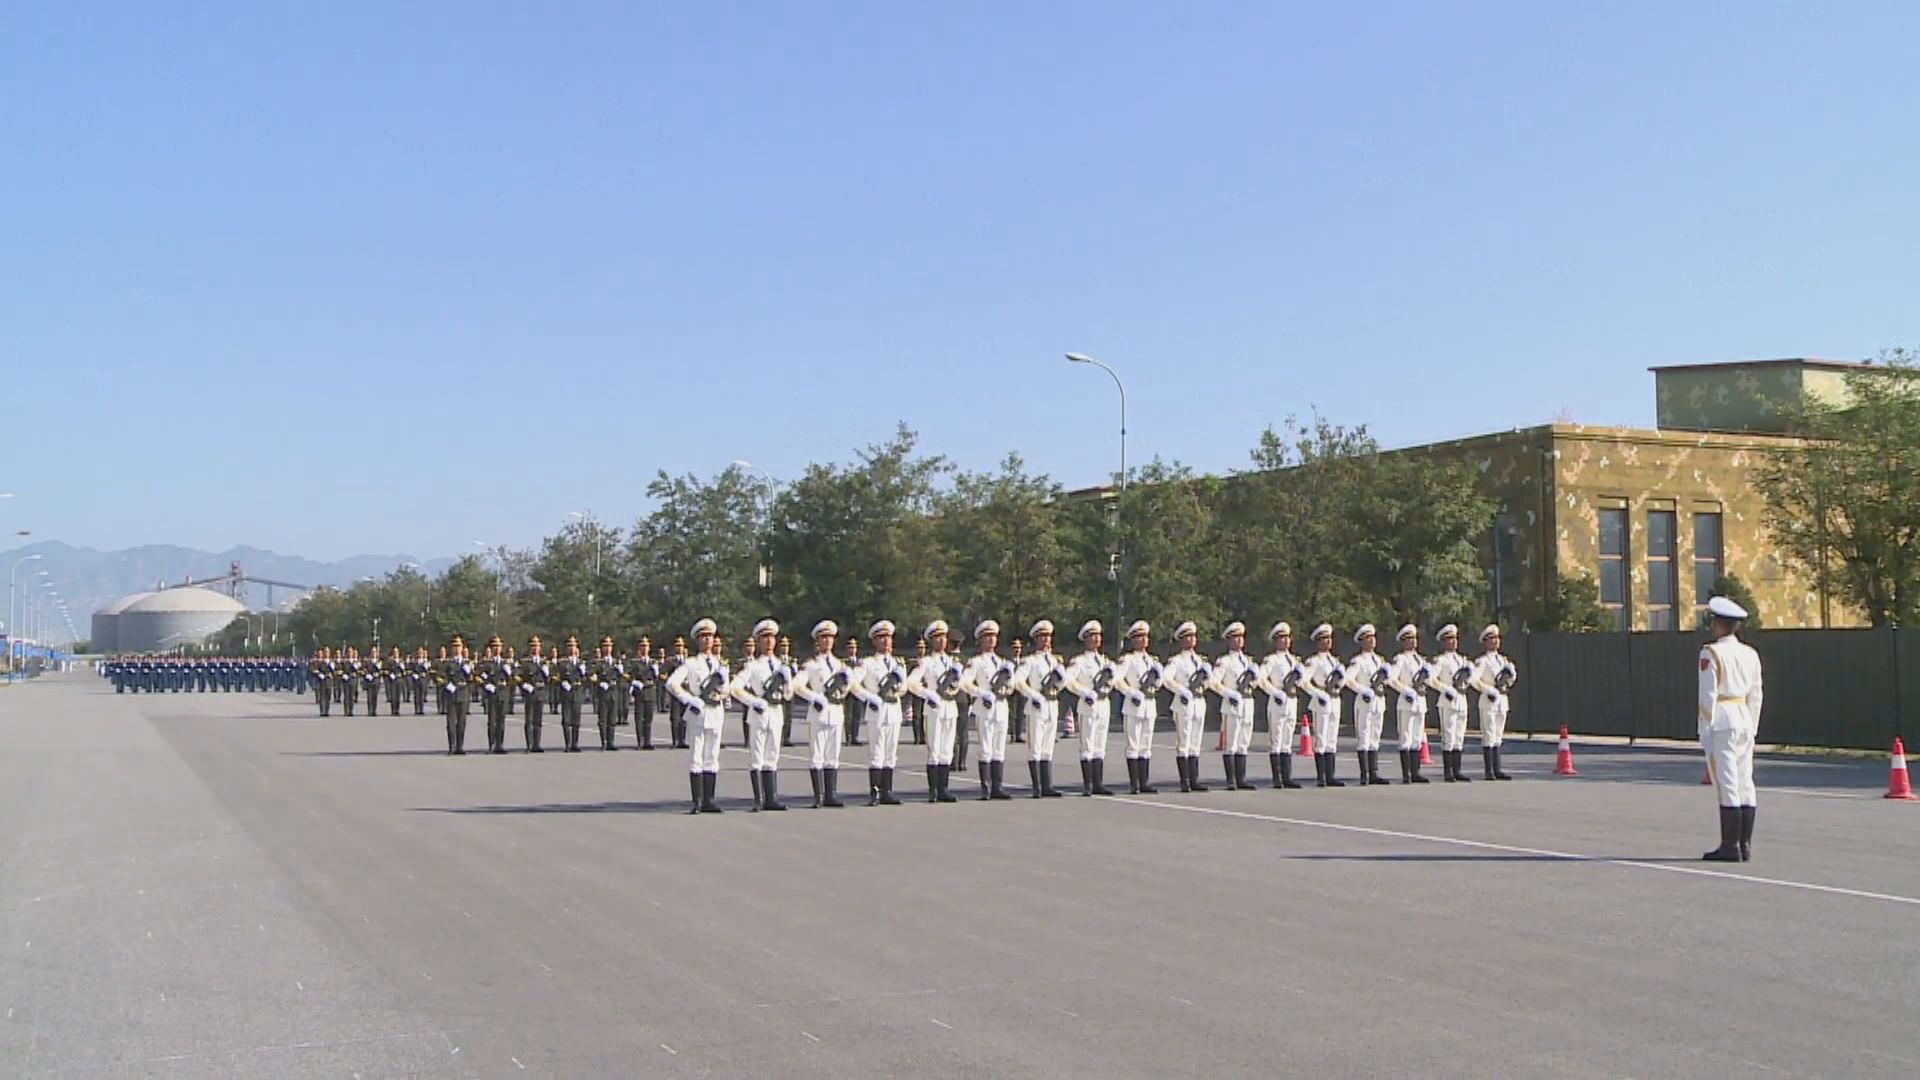 解放軍維和部隊:國慶閱兵彰顯中國愛好和平